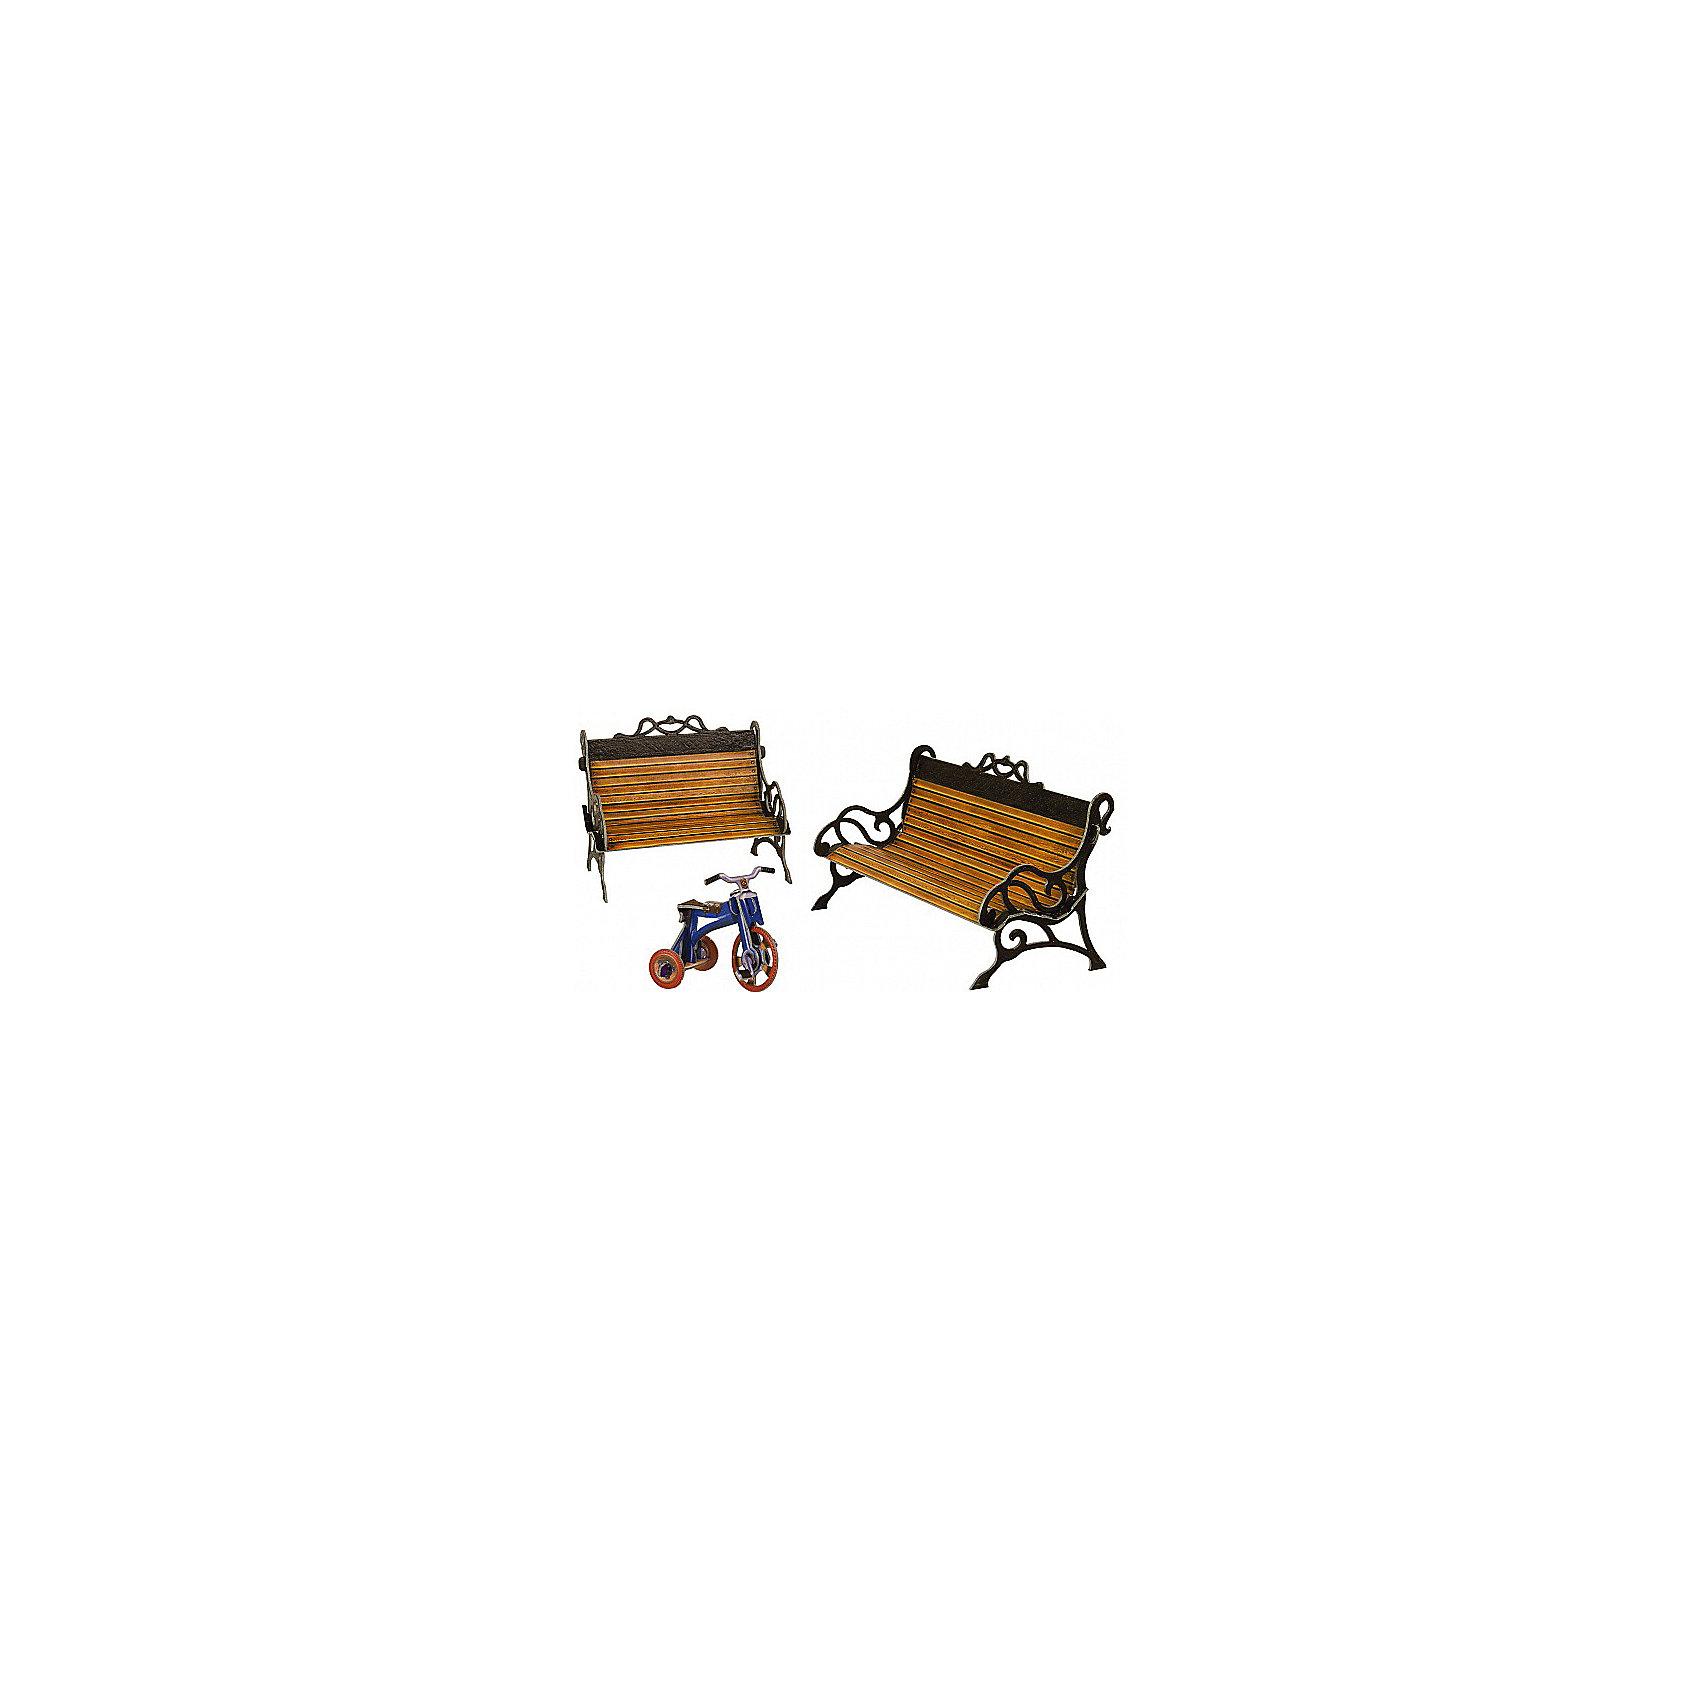 Сборная модель СкамейкиБумажные модели<br>Скамейки - Сюжетный игровой набор из плотного картона. Серия: Кукольный дом и мебель. Количество деталей, шт: 17. Размер в собранном виде, см: Скамья - 16 х 9 х 7,5. Скамья - 11 х 9 х 7,5. Велосипед - 7,5 х 5 х 5. Размер упаковки, мм.:  высота 250 ширина 175 глубина 3. Тип упаковки: Пакет ПП с подвесом. Вес, гр.: 95. Возраст: от 7 лет. Все модели и игрушки, созданные по технологии УМНАЯ БУМАГА собираются без ножниц и клея, что является их неповторимой особенностью.<br>Принцип соединения деталей запатентован. Соединения деталей продуманы и просчитаны с такой точностью, что при правильной сборке с моделью можно играть, как с обычной игрушкой.<br><br>Ширина мм: 175<br>Глубина мм: 3<br>Высота мм: 250<br>Вес г: 95<br>Возраст от месяцев: 36<br>Возраст до месяцев: 2147483647<br>Пол: Унисекс<br>Возраст: Детский<br>SKU: 4807469